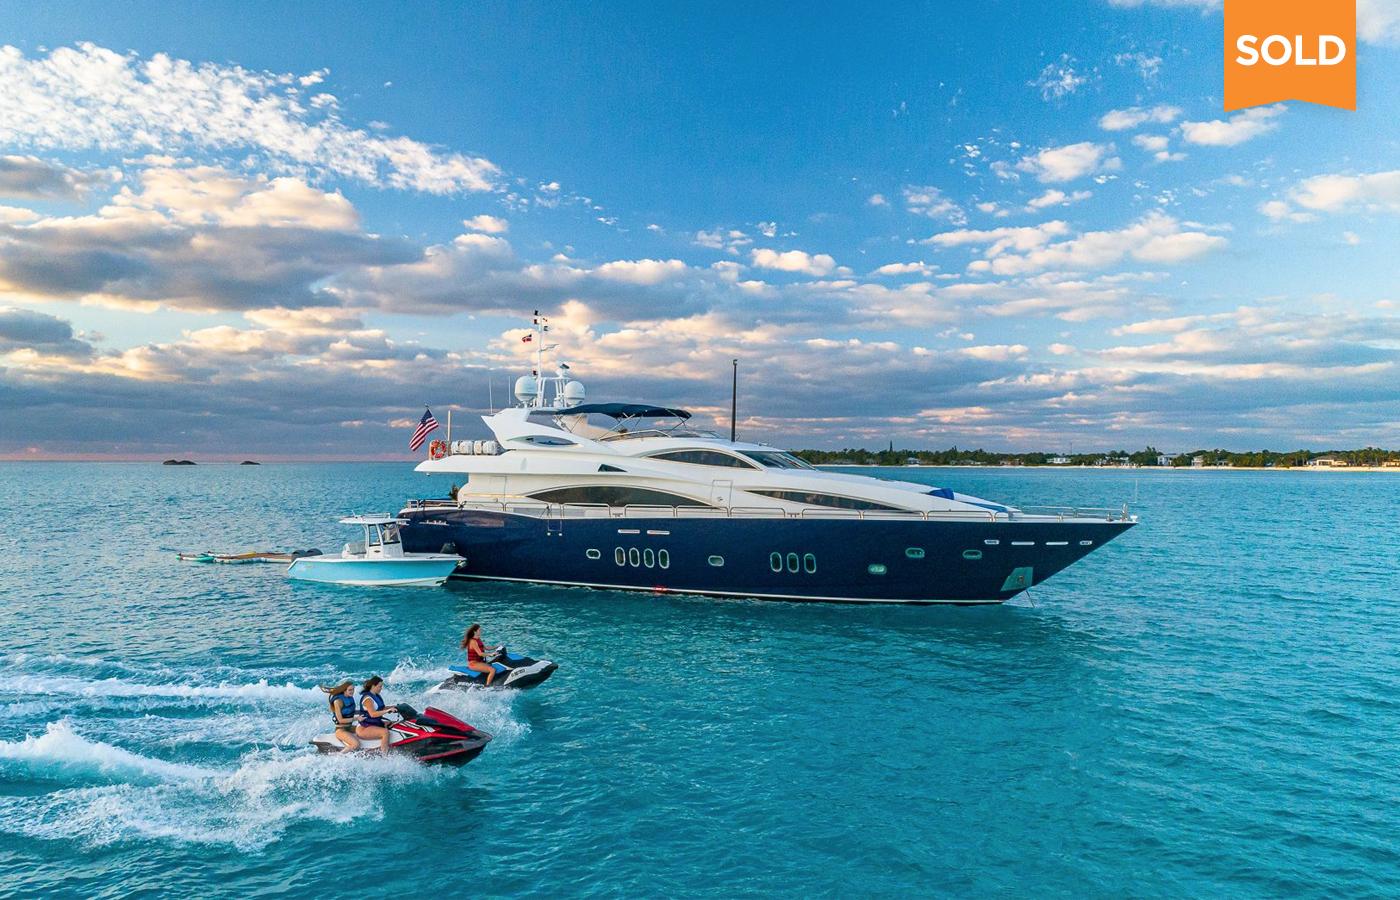 105 Sunseeker Motor Yacht Sold By Matthew Stropes